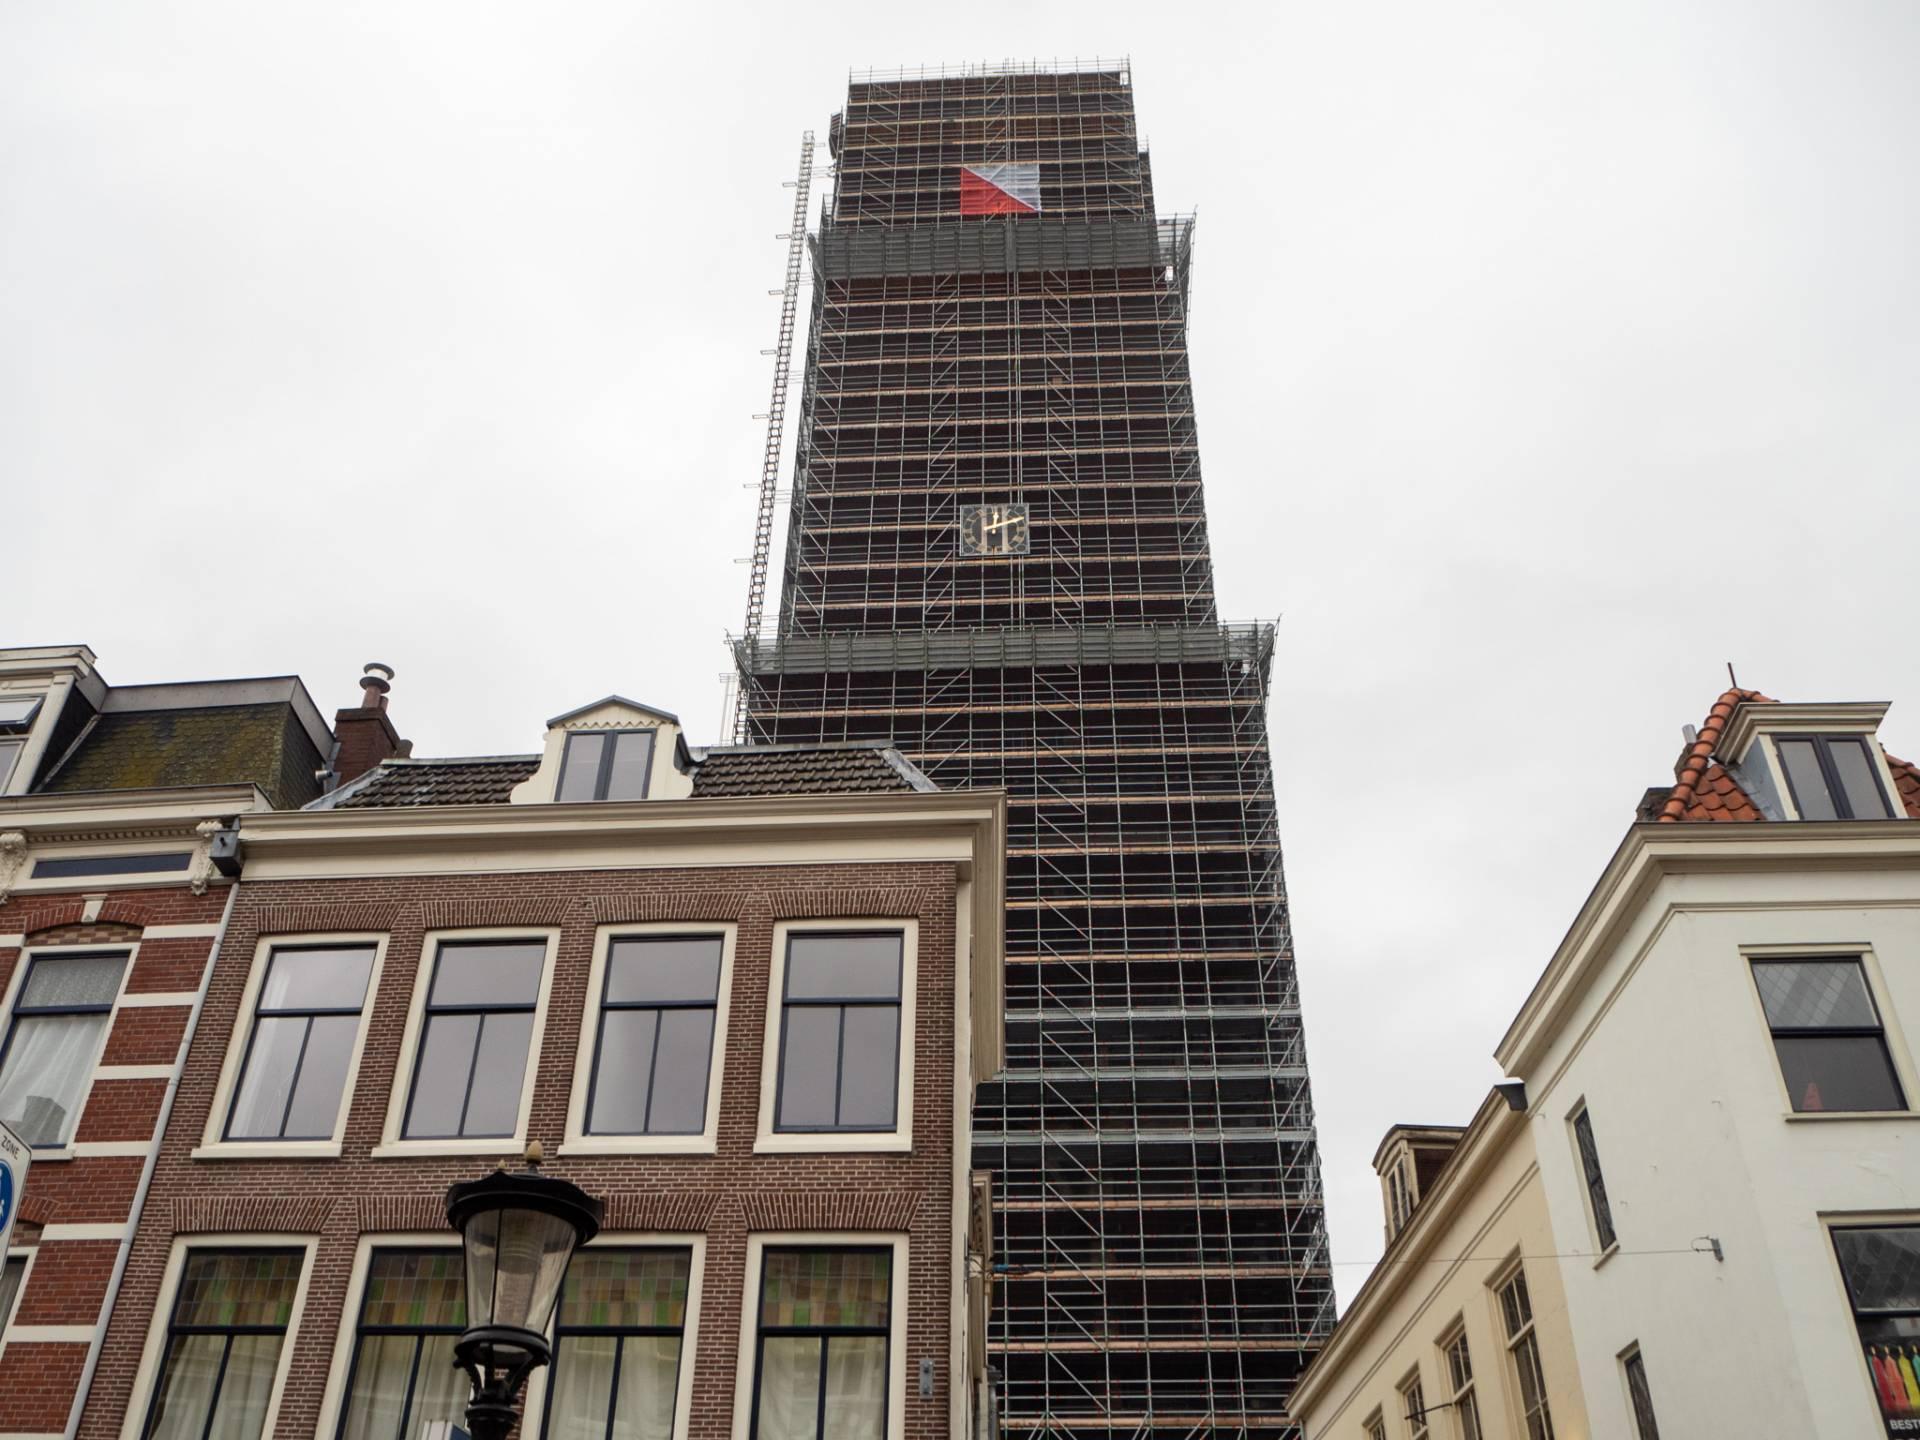 Domtoren Utrecht - Dom Tower